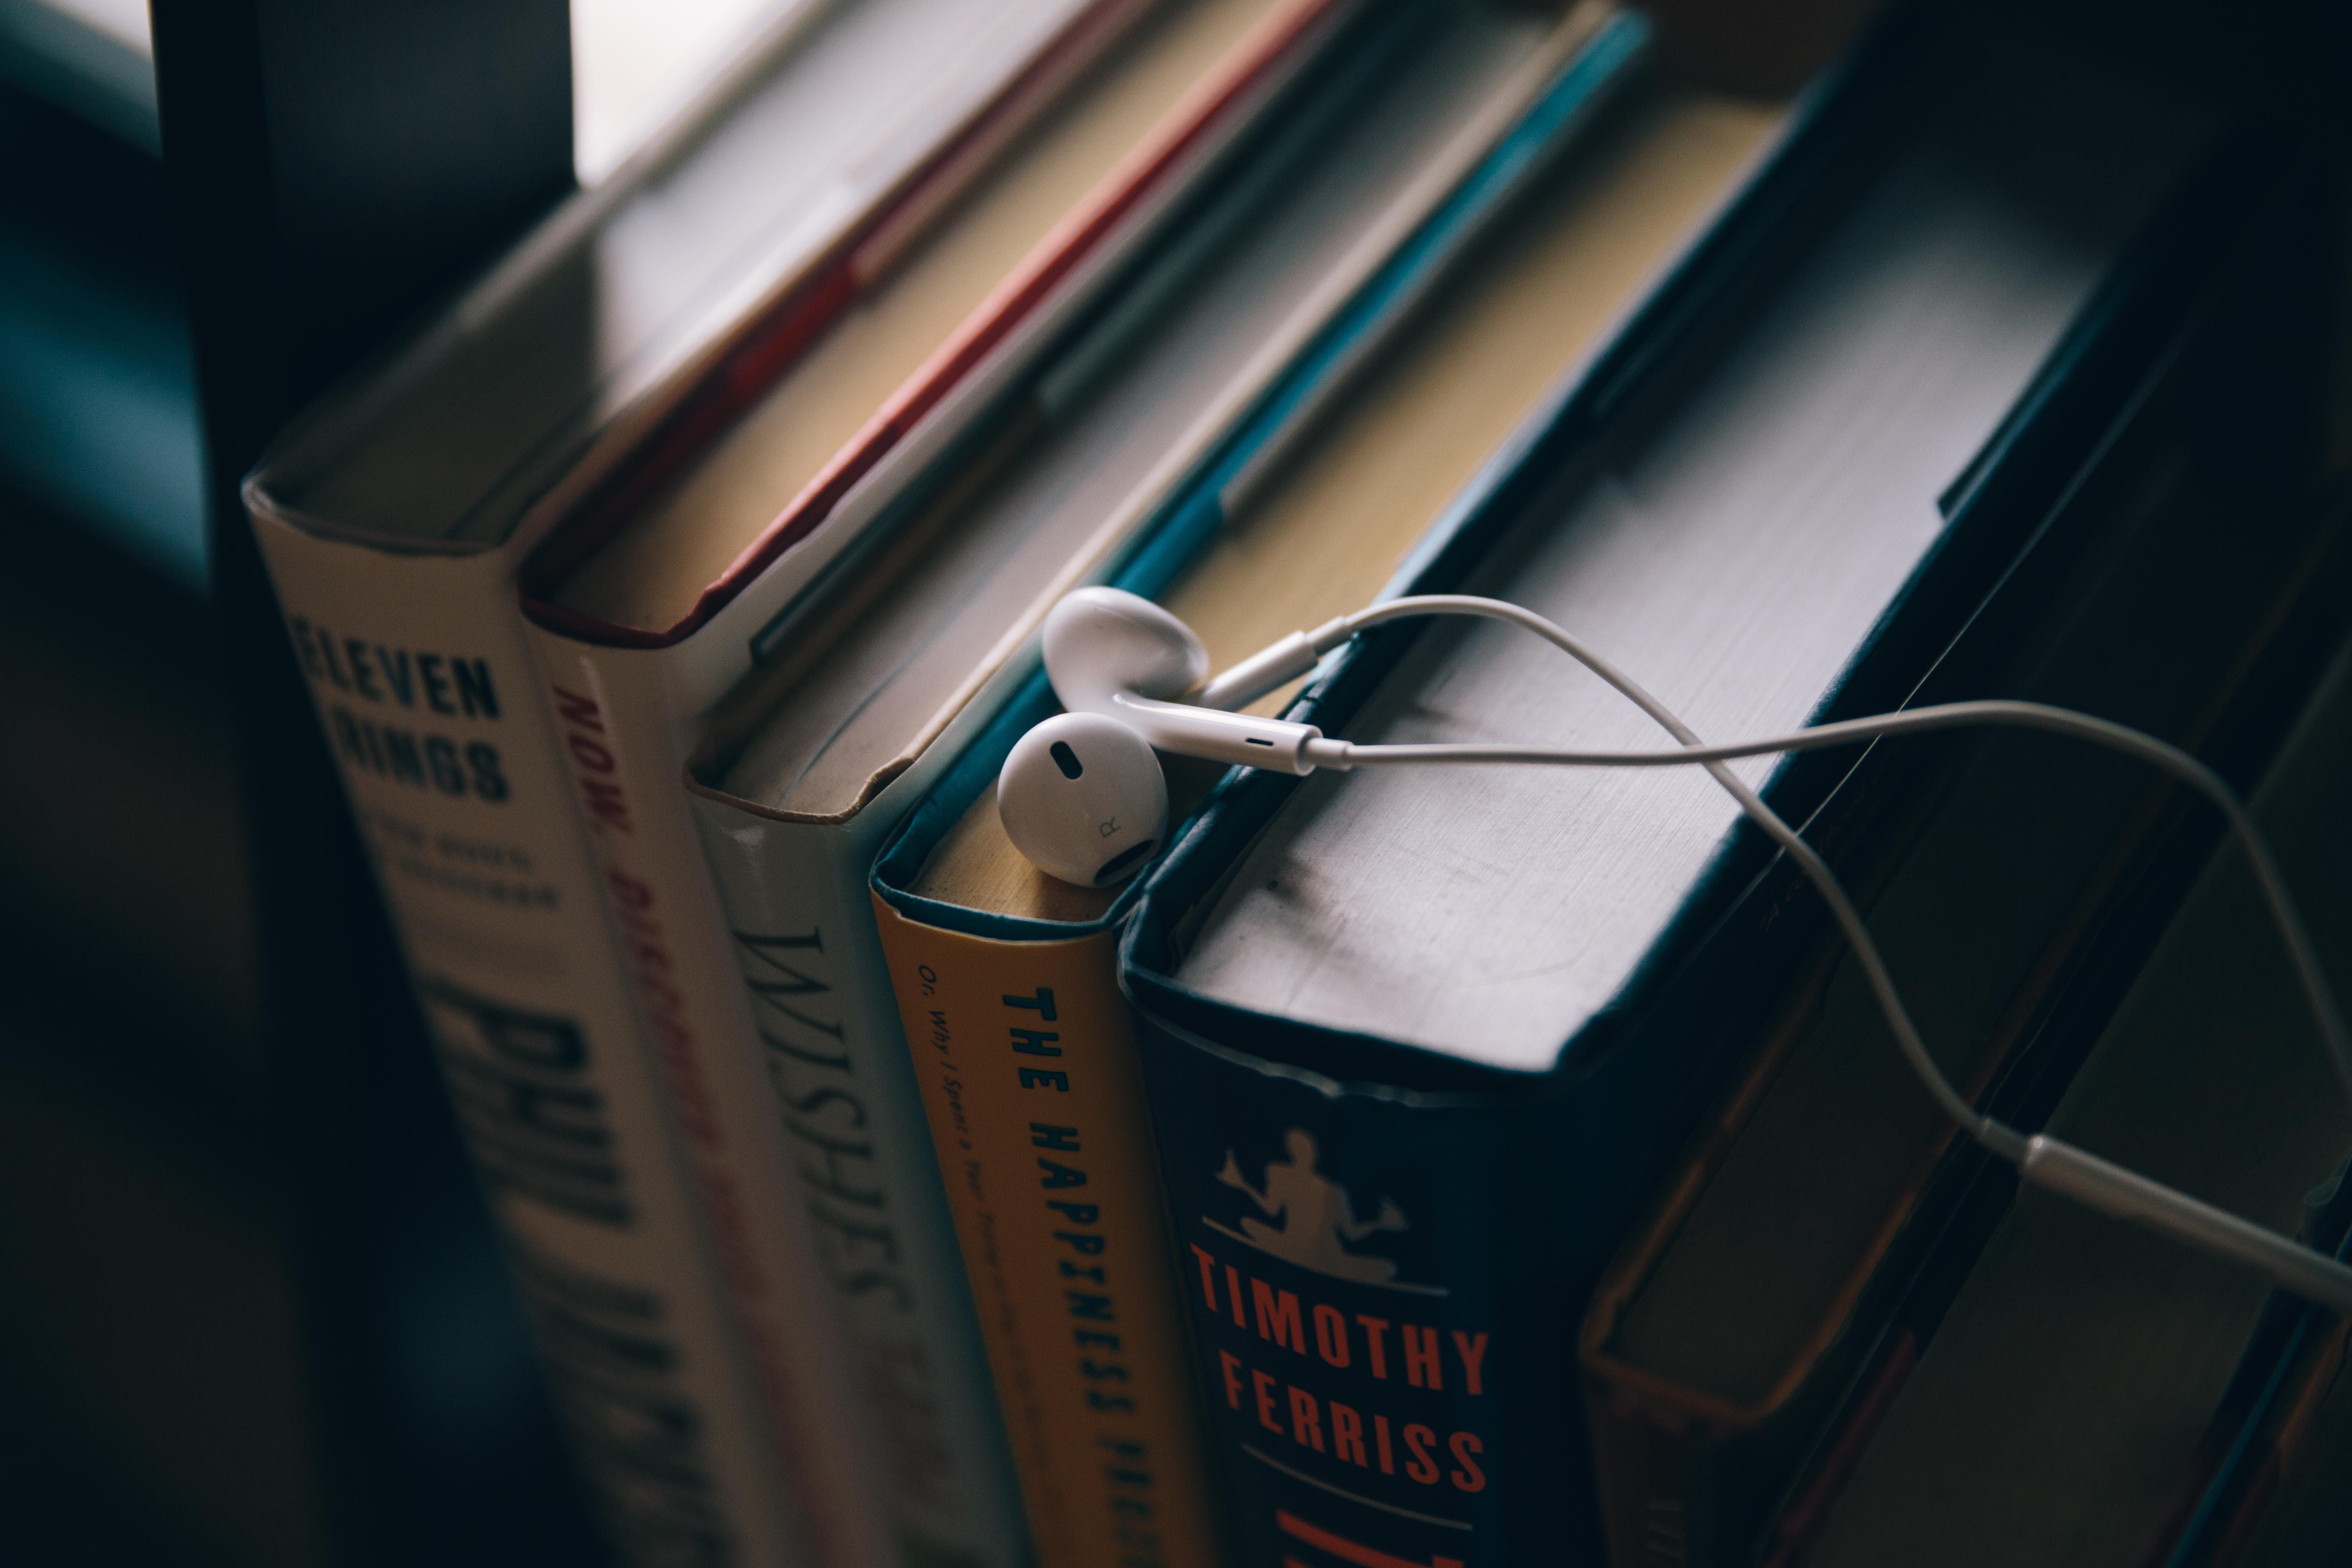 89100 Hintergrundbild herunterladen Musik, Kopfhörer, Bücher, Bildung - Bildschirmschoner und Bilder kostenlos